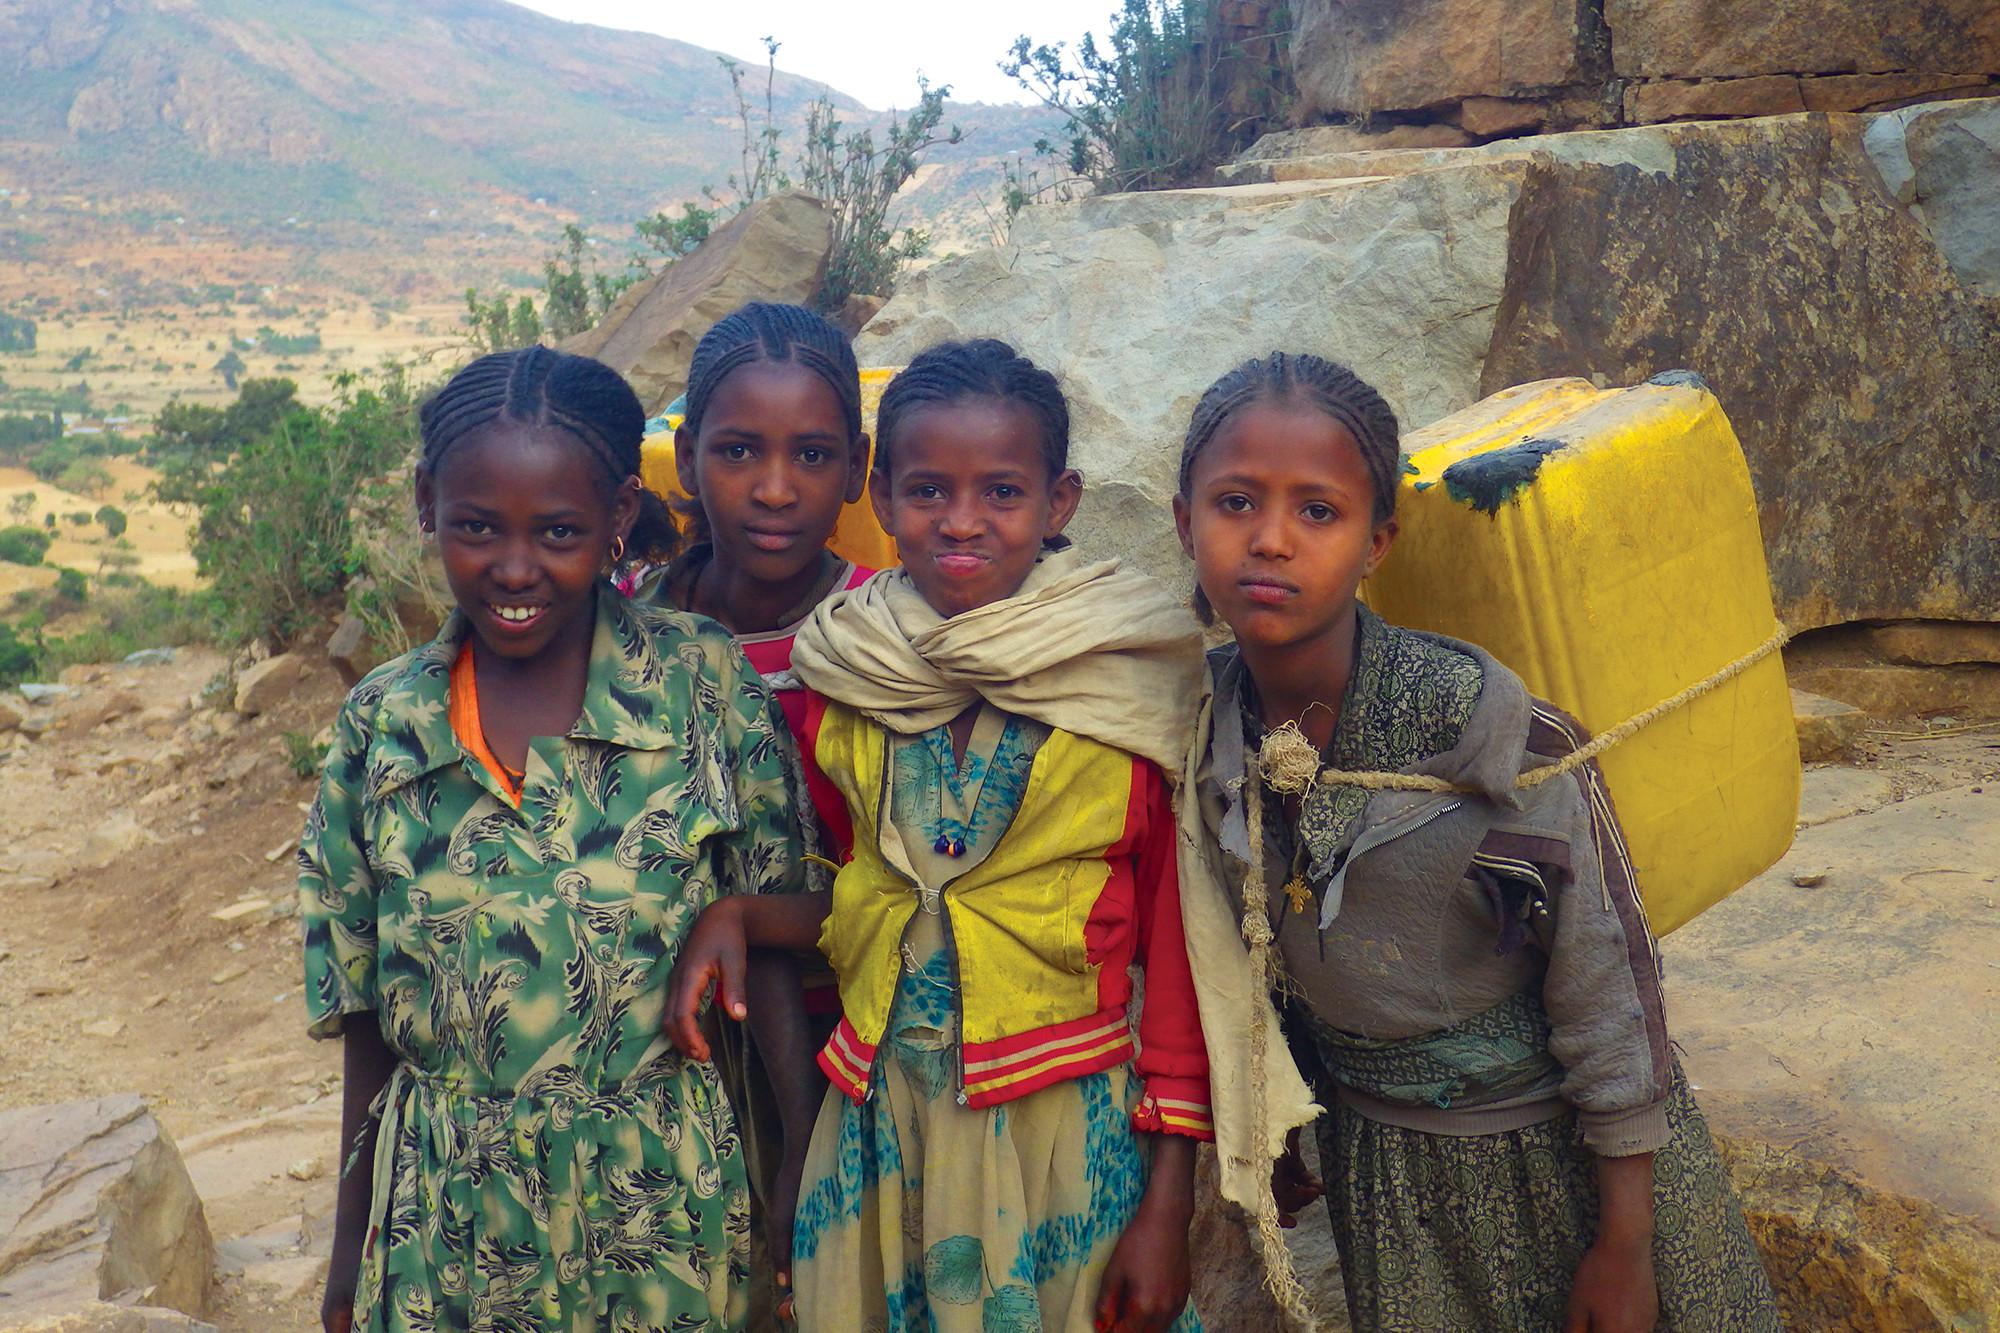 EthiopiaRocks_04